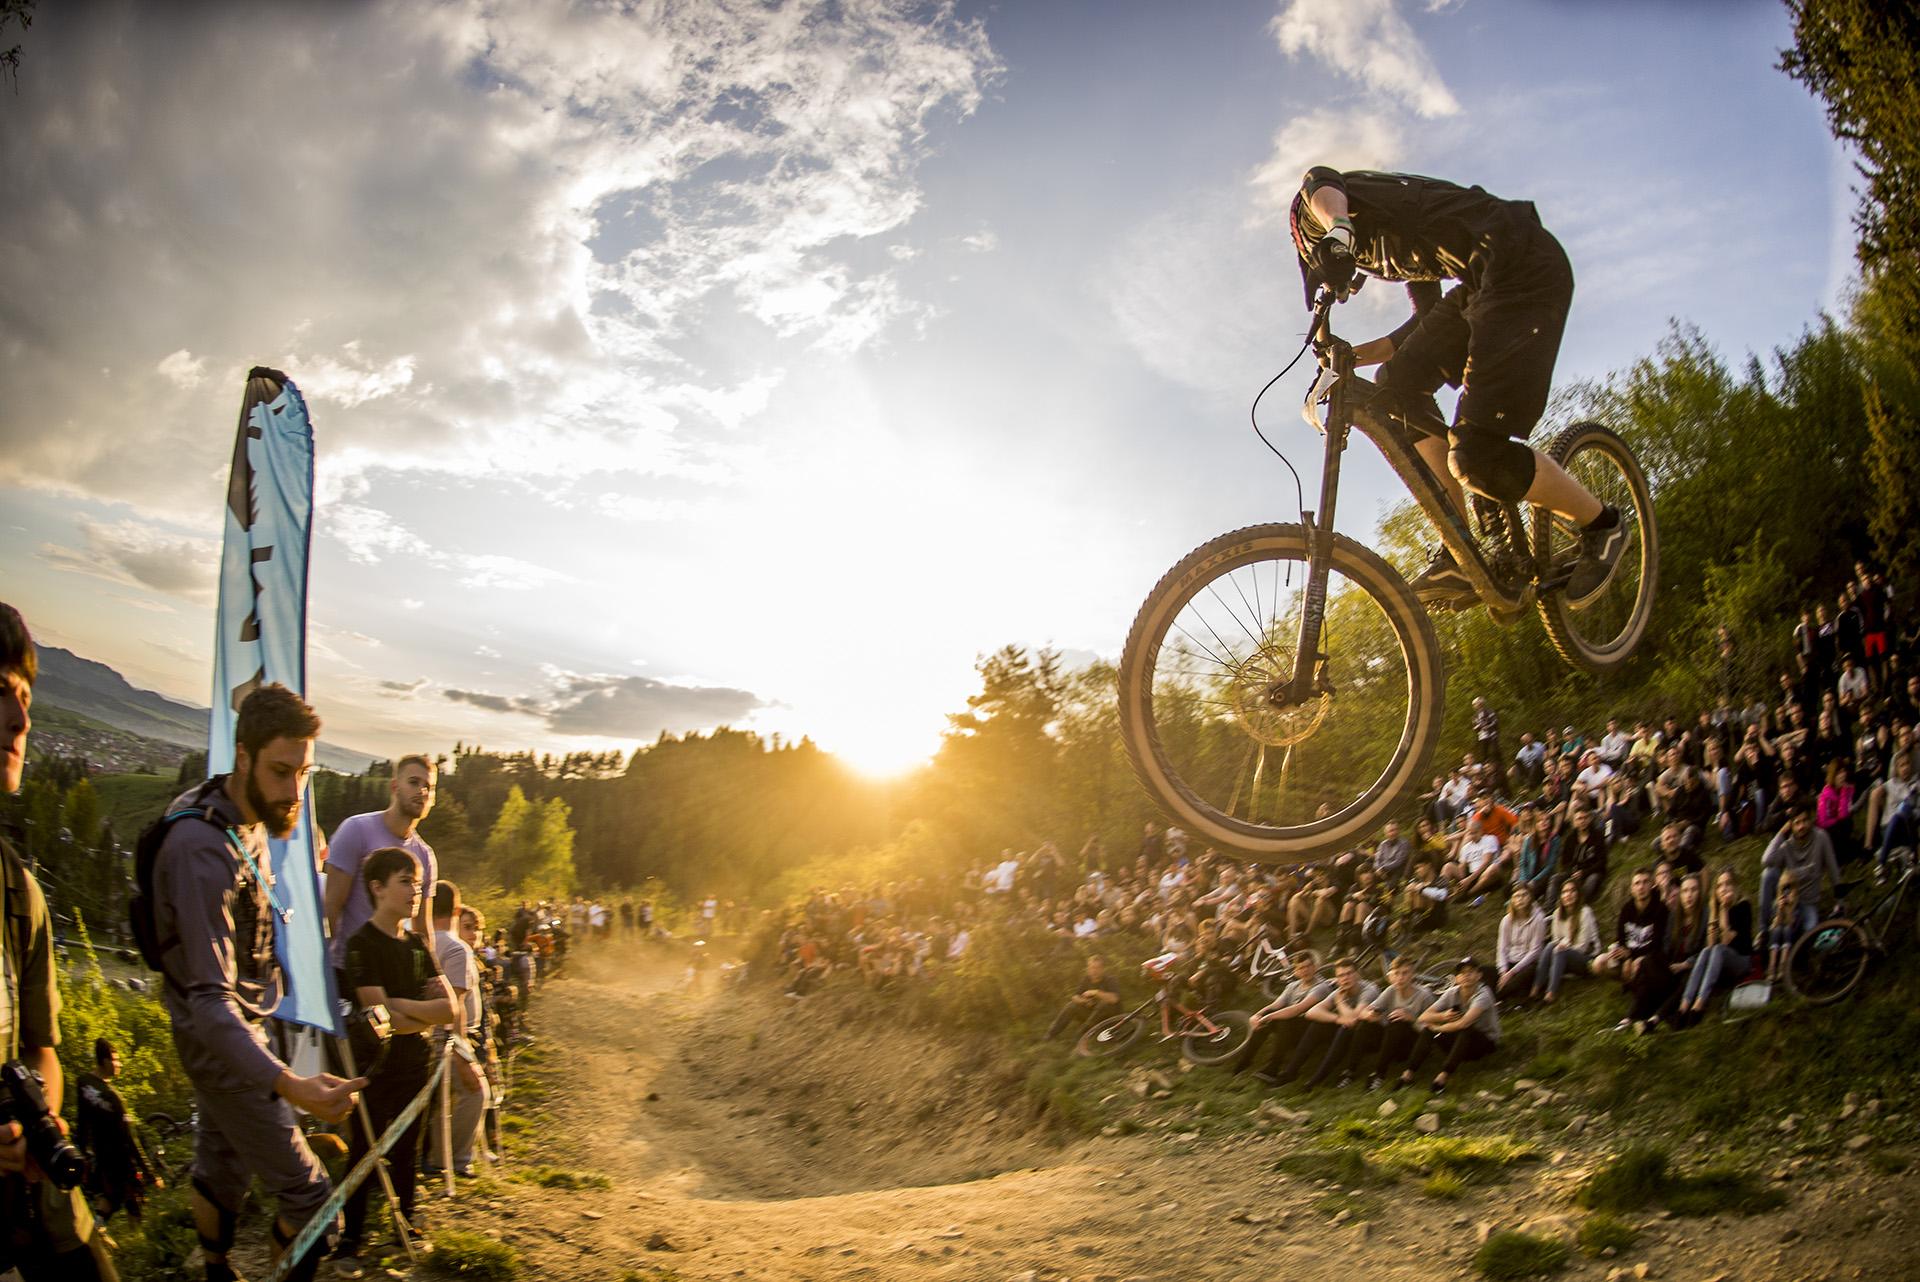 Małopolska Joy Ride Festiwal 2020 PRZEŁOŻONY – NOWA DATA!